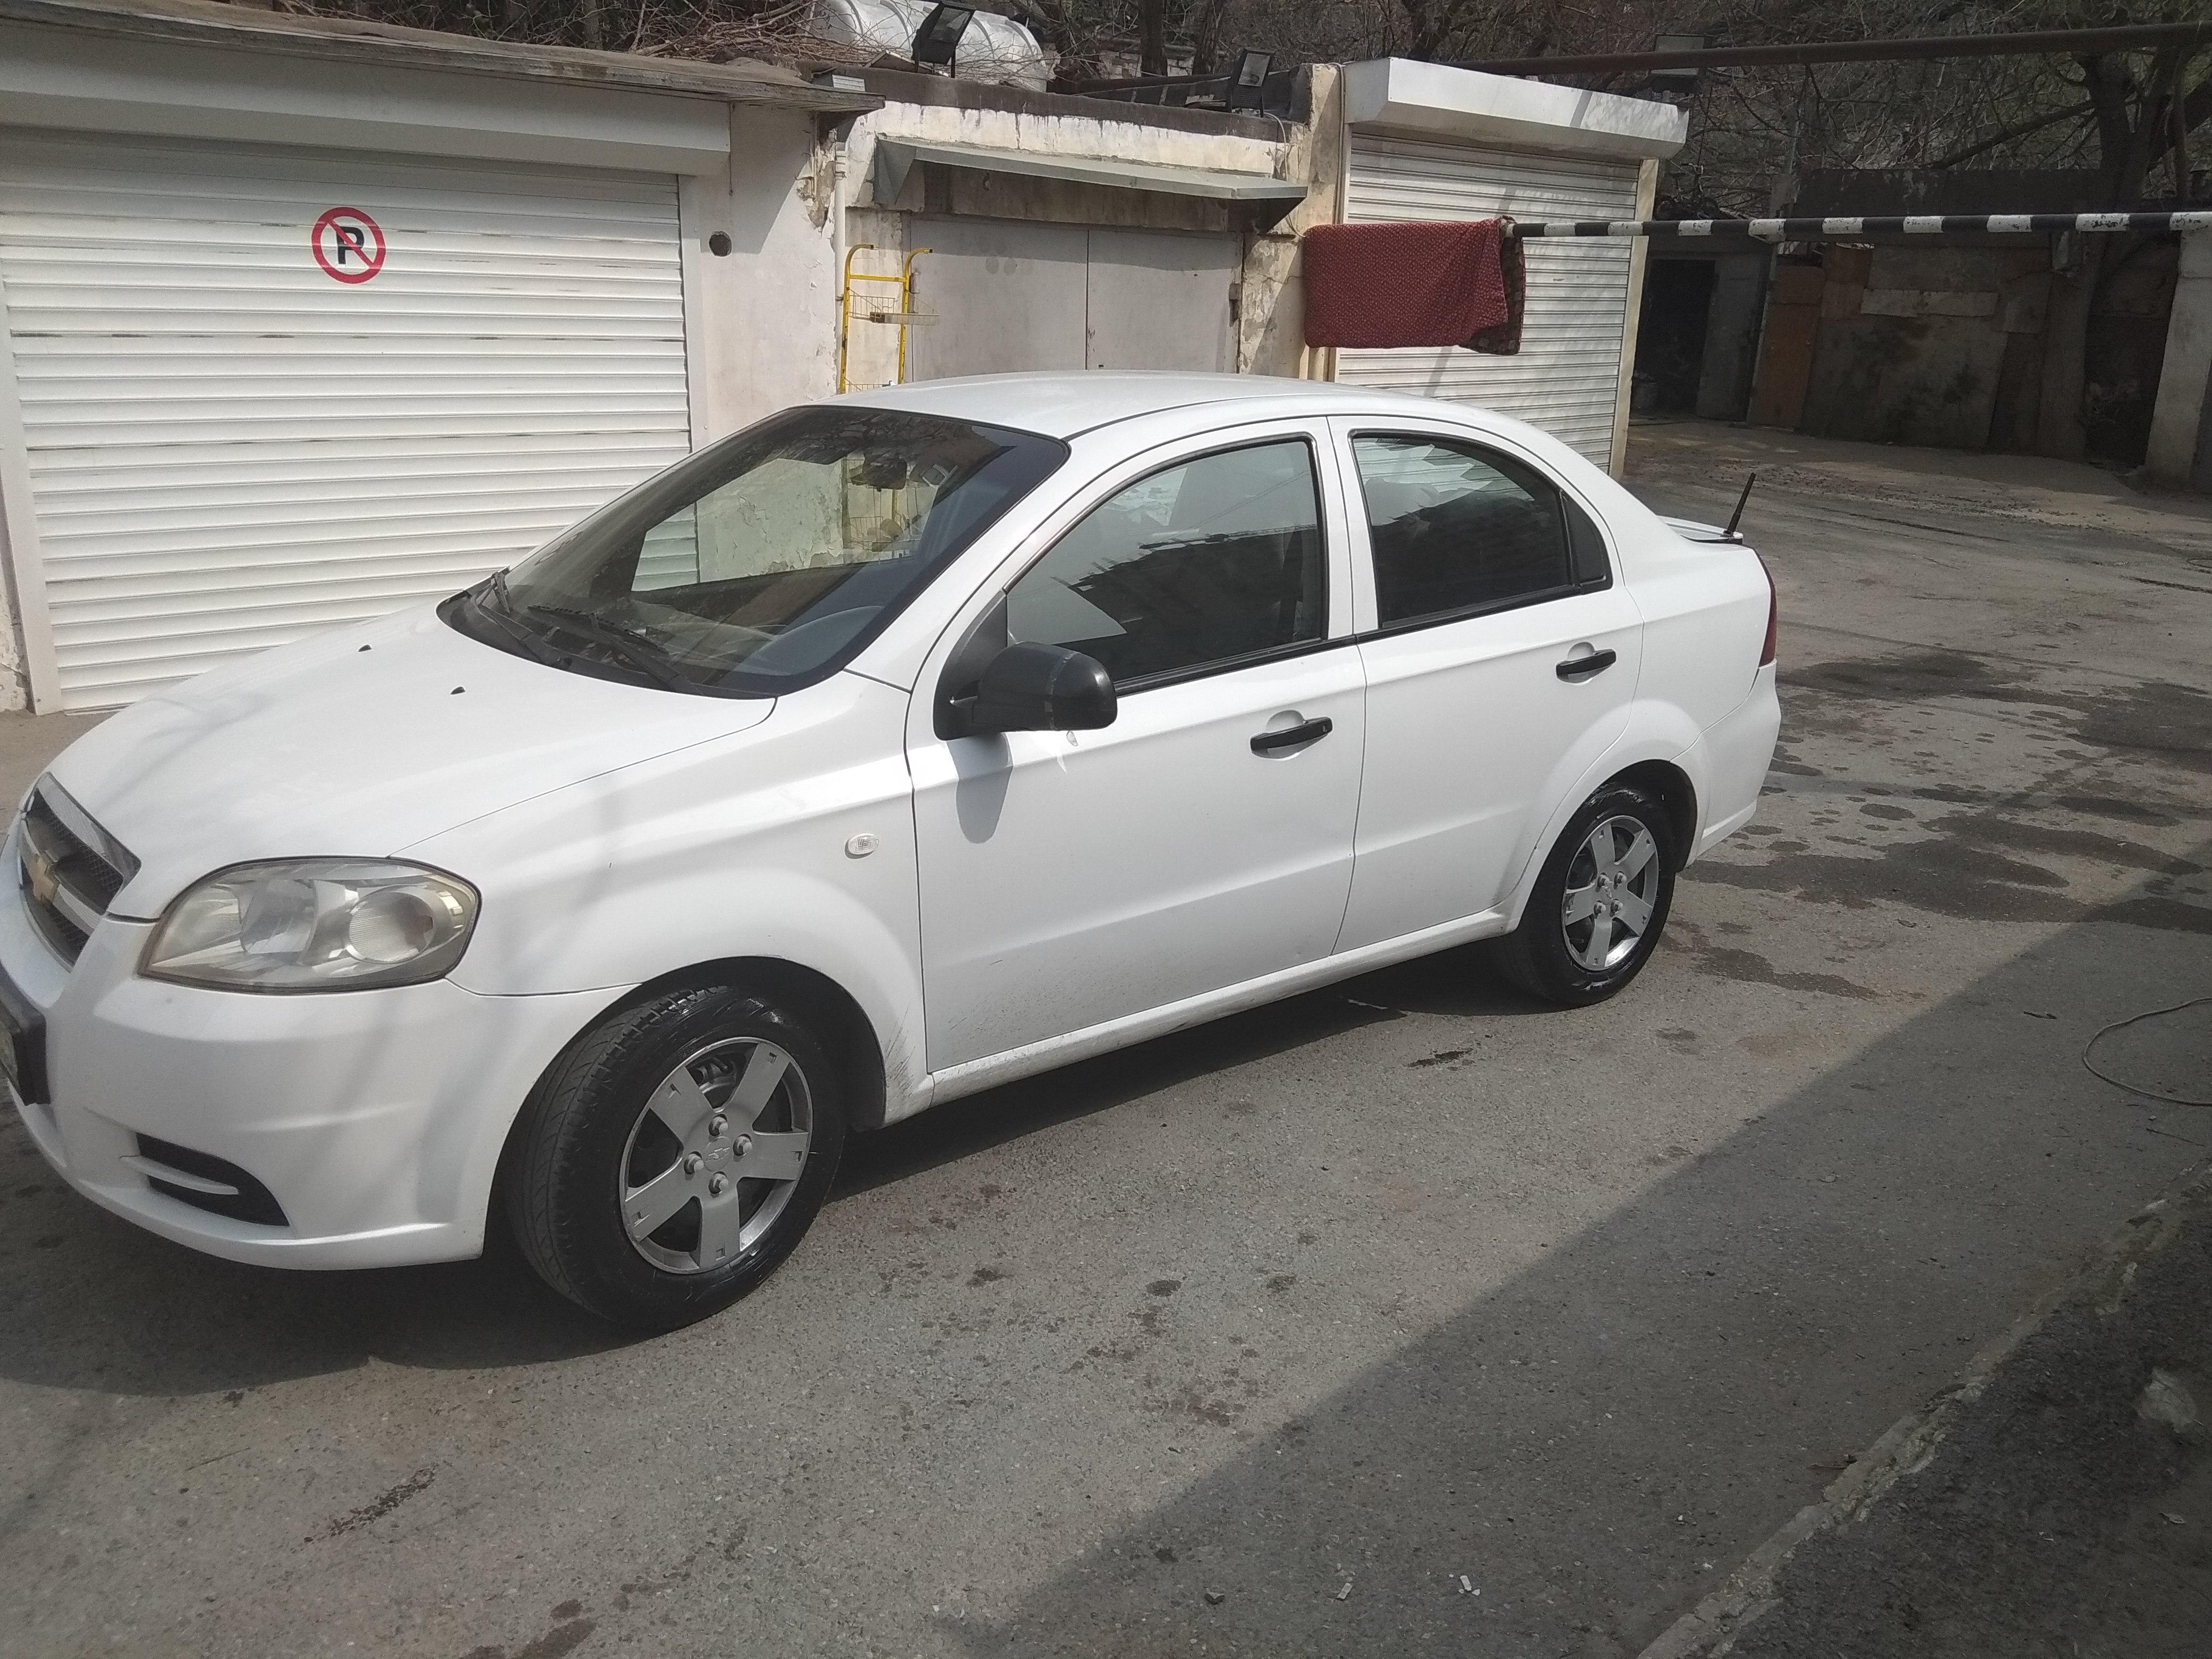 Chevrolet Aveo 1.2(lt) 2011 Подержанный  $9000